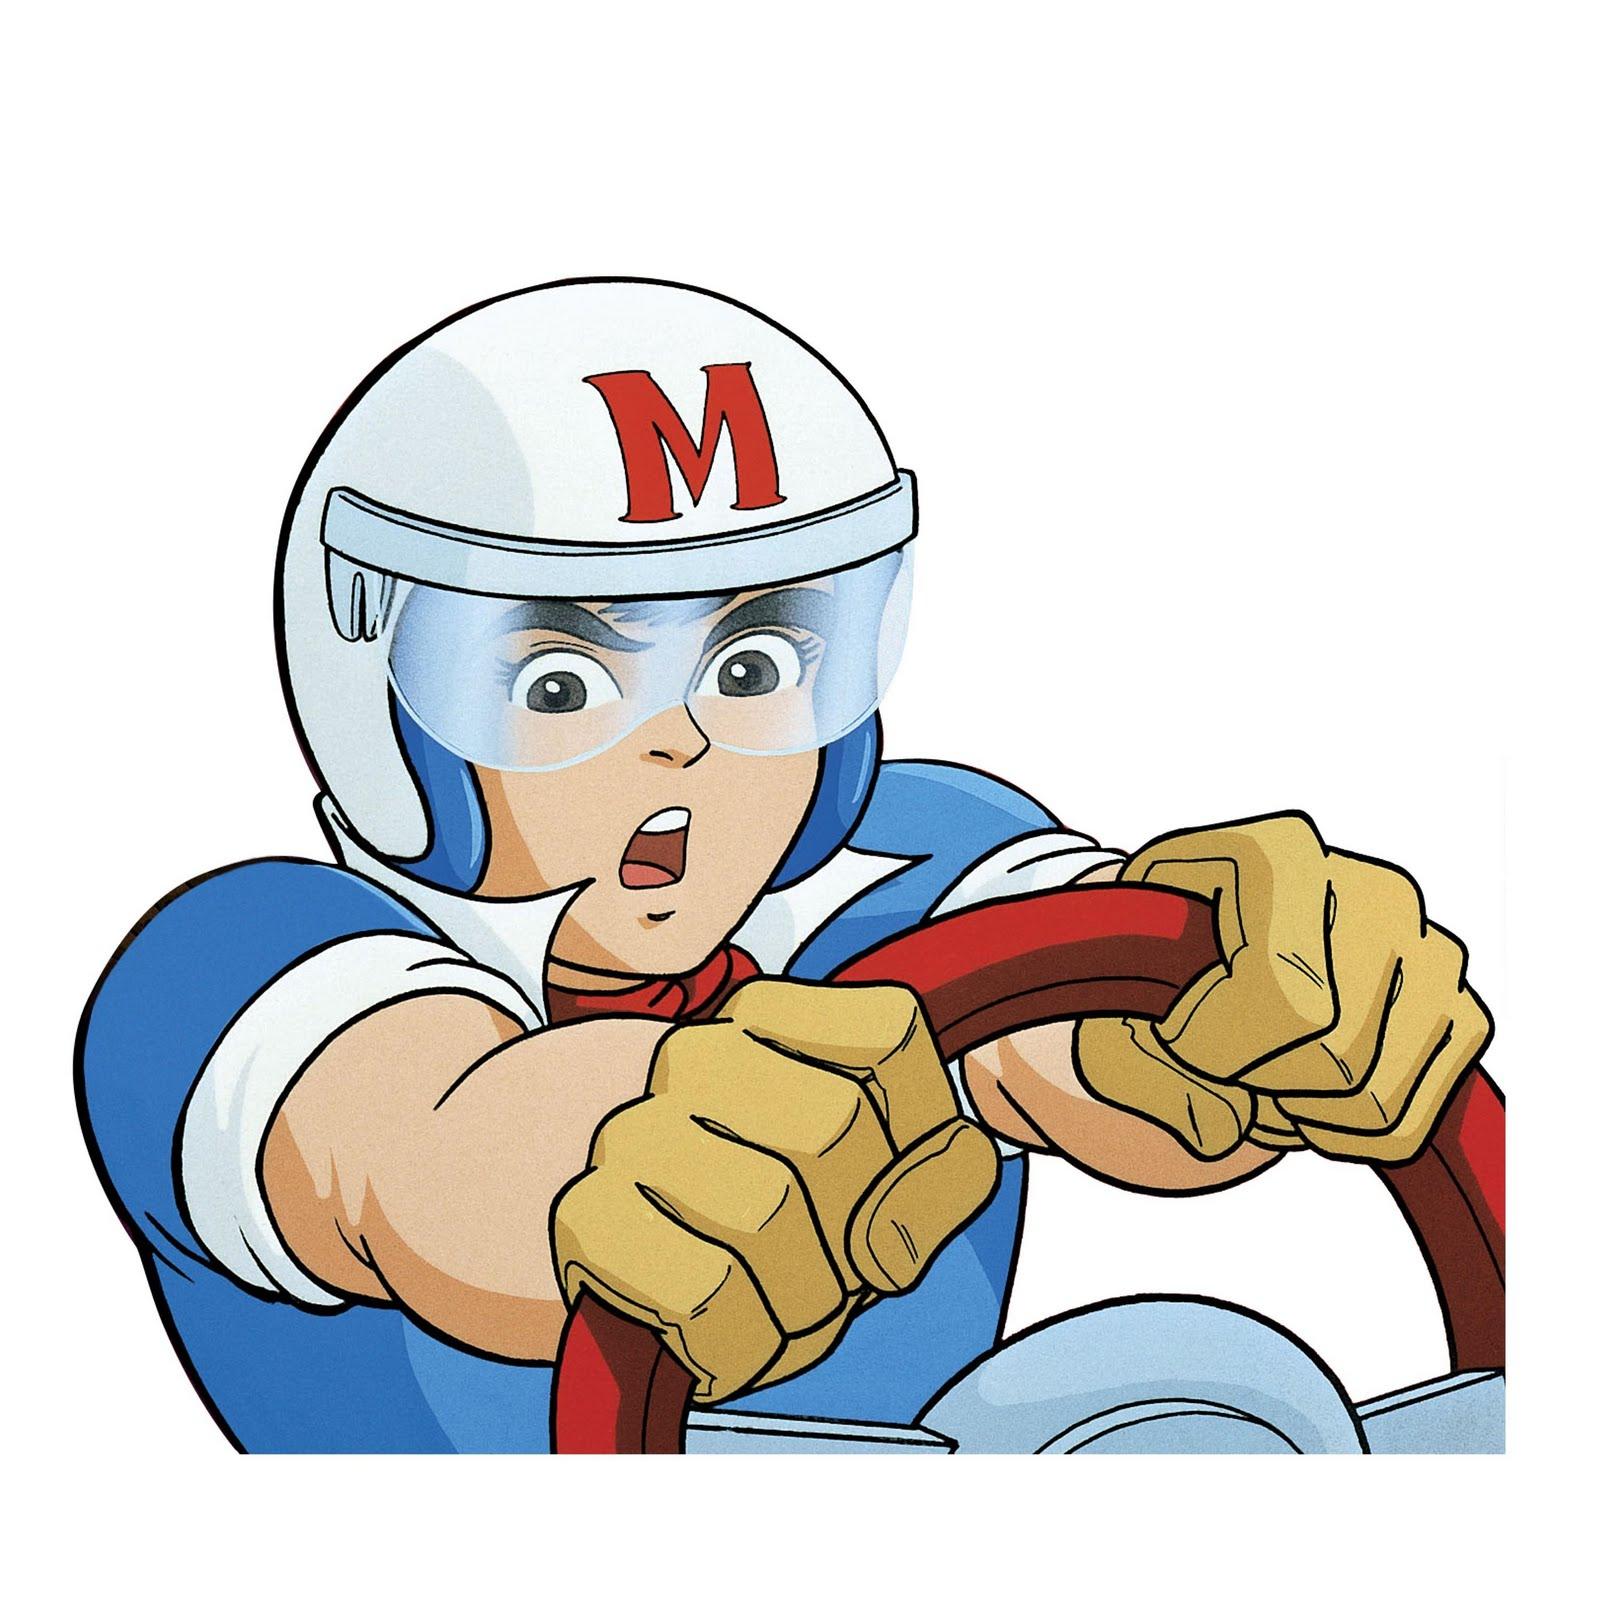 Wallpapers: Speed Racer Cartoon Wallpapers